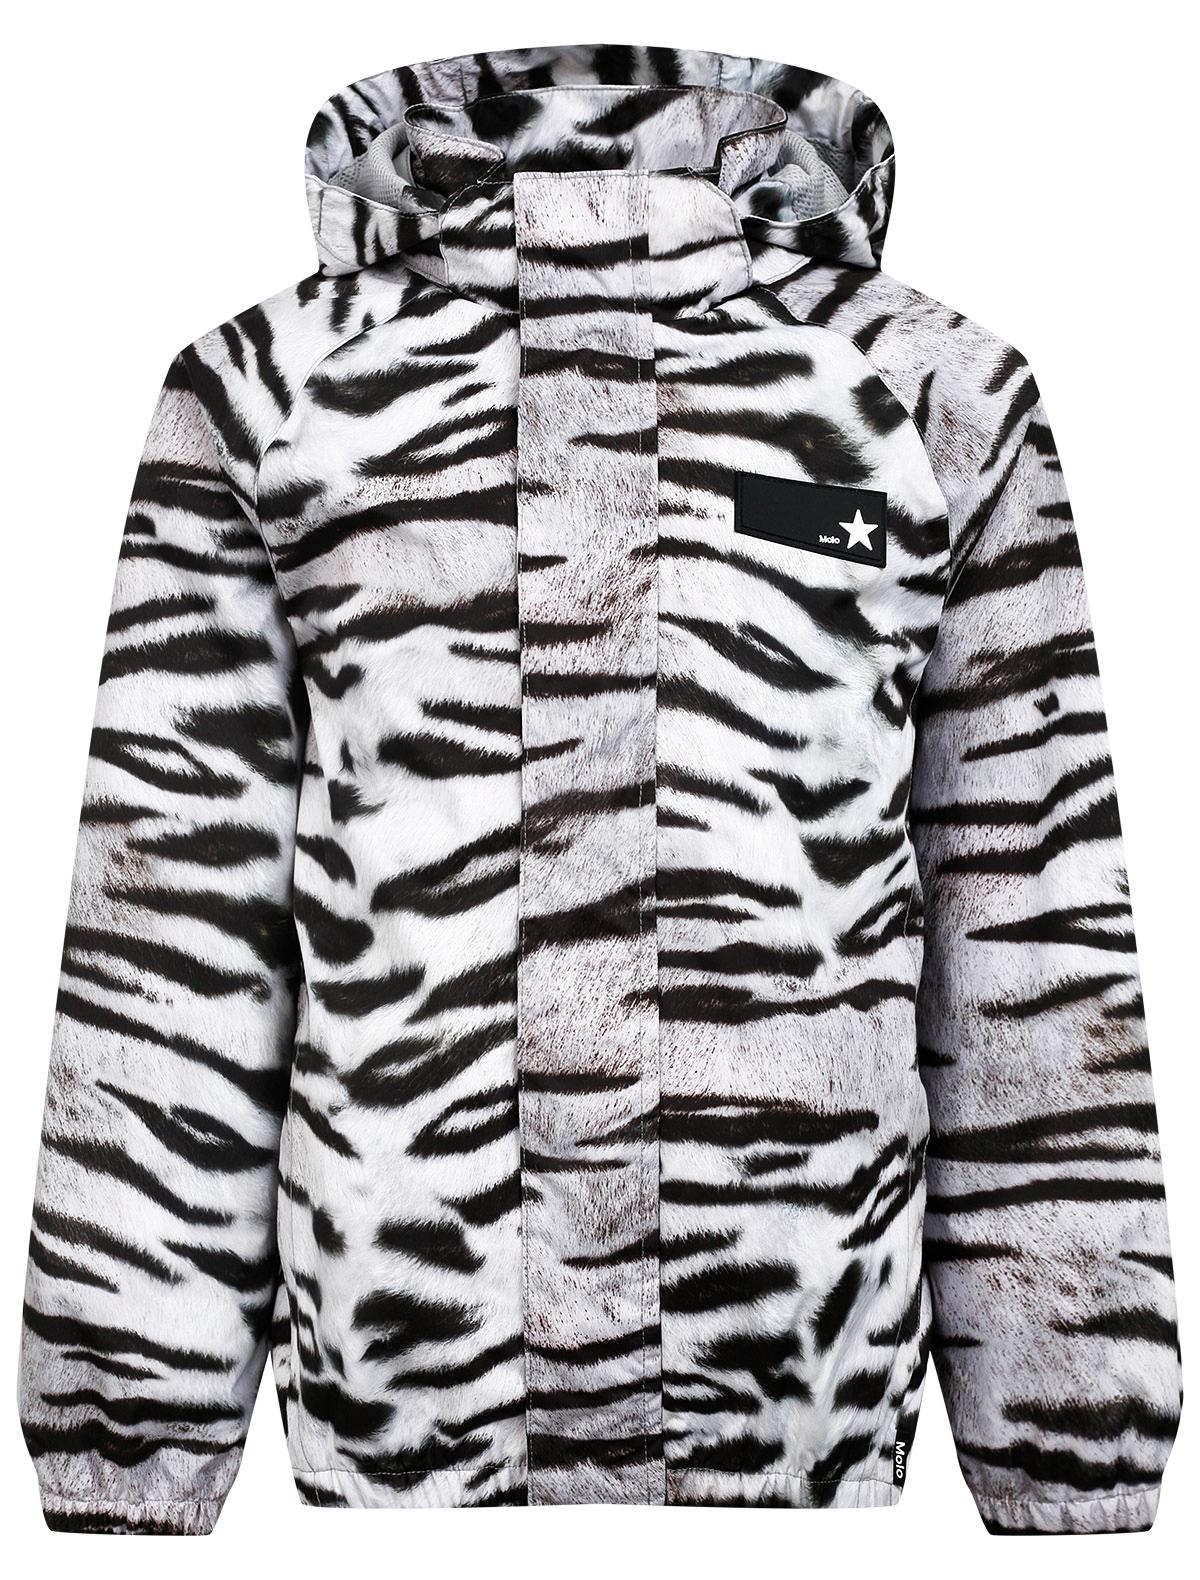 Купить 2292210, Куртка MOLO, серый, 1074529170239